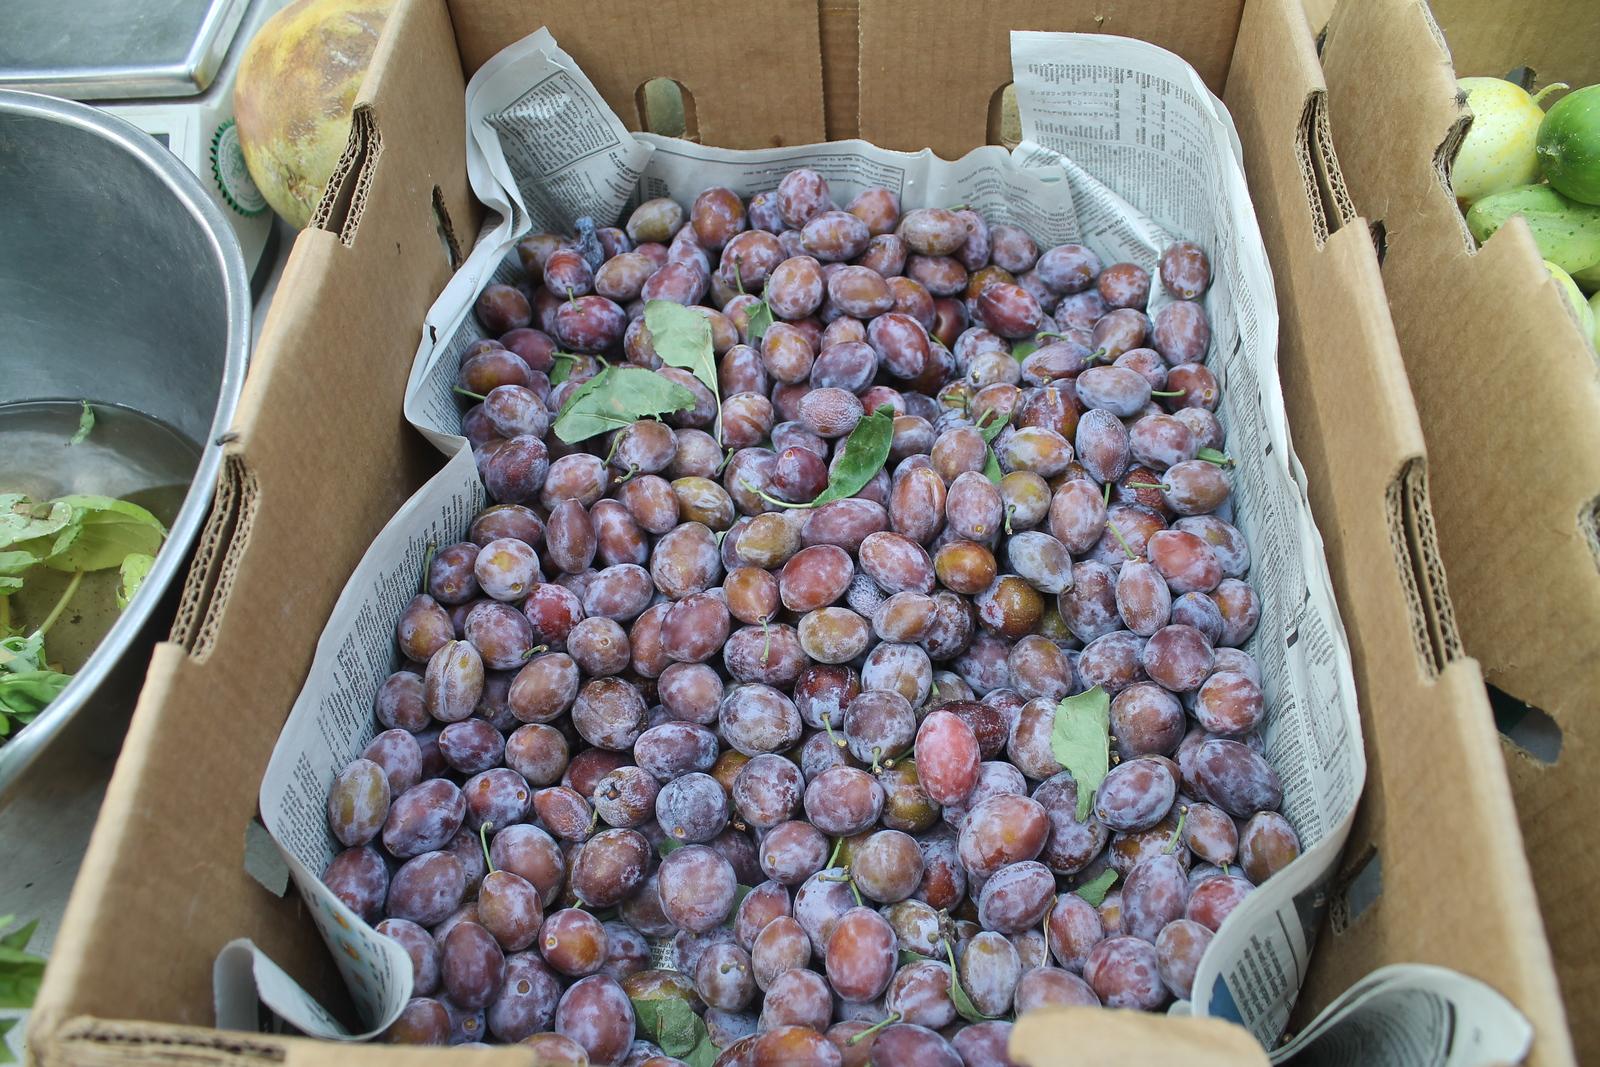 Willits Farmers' Market